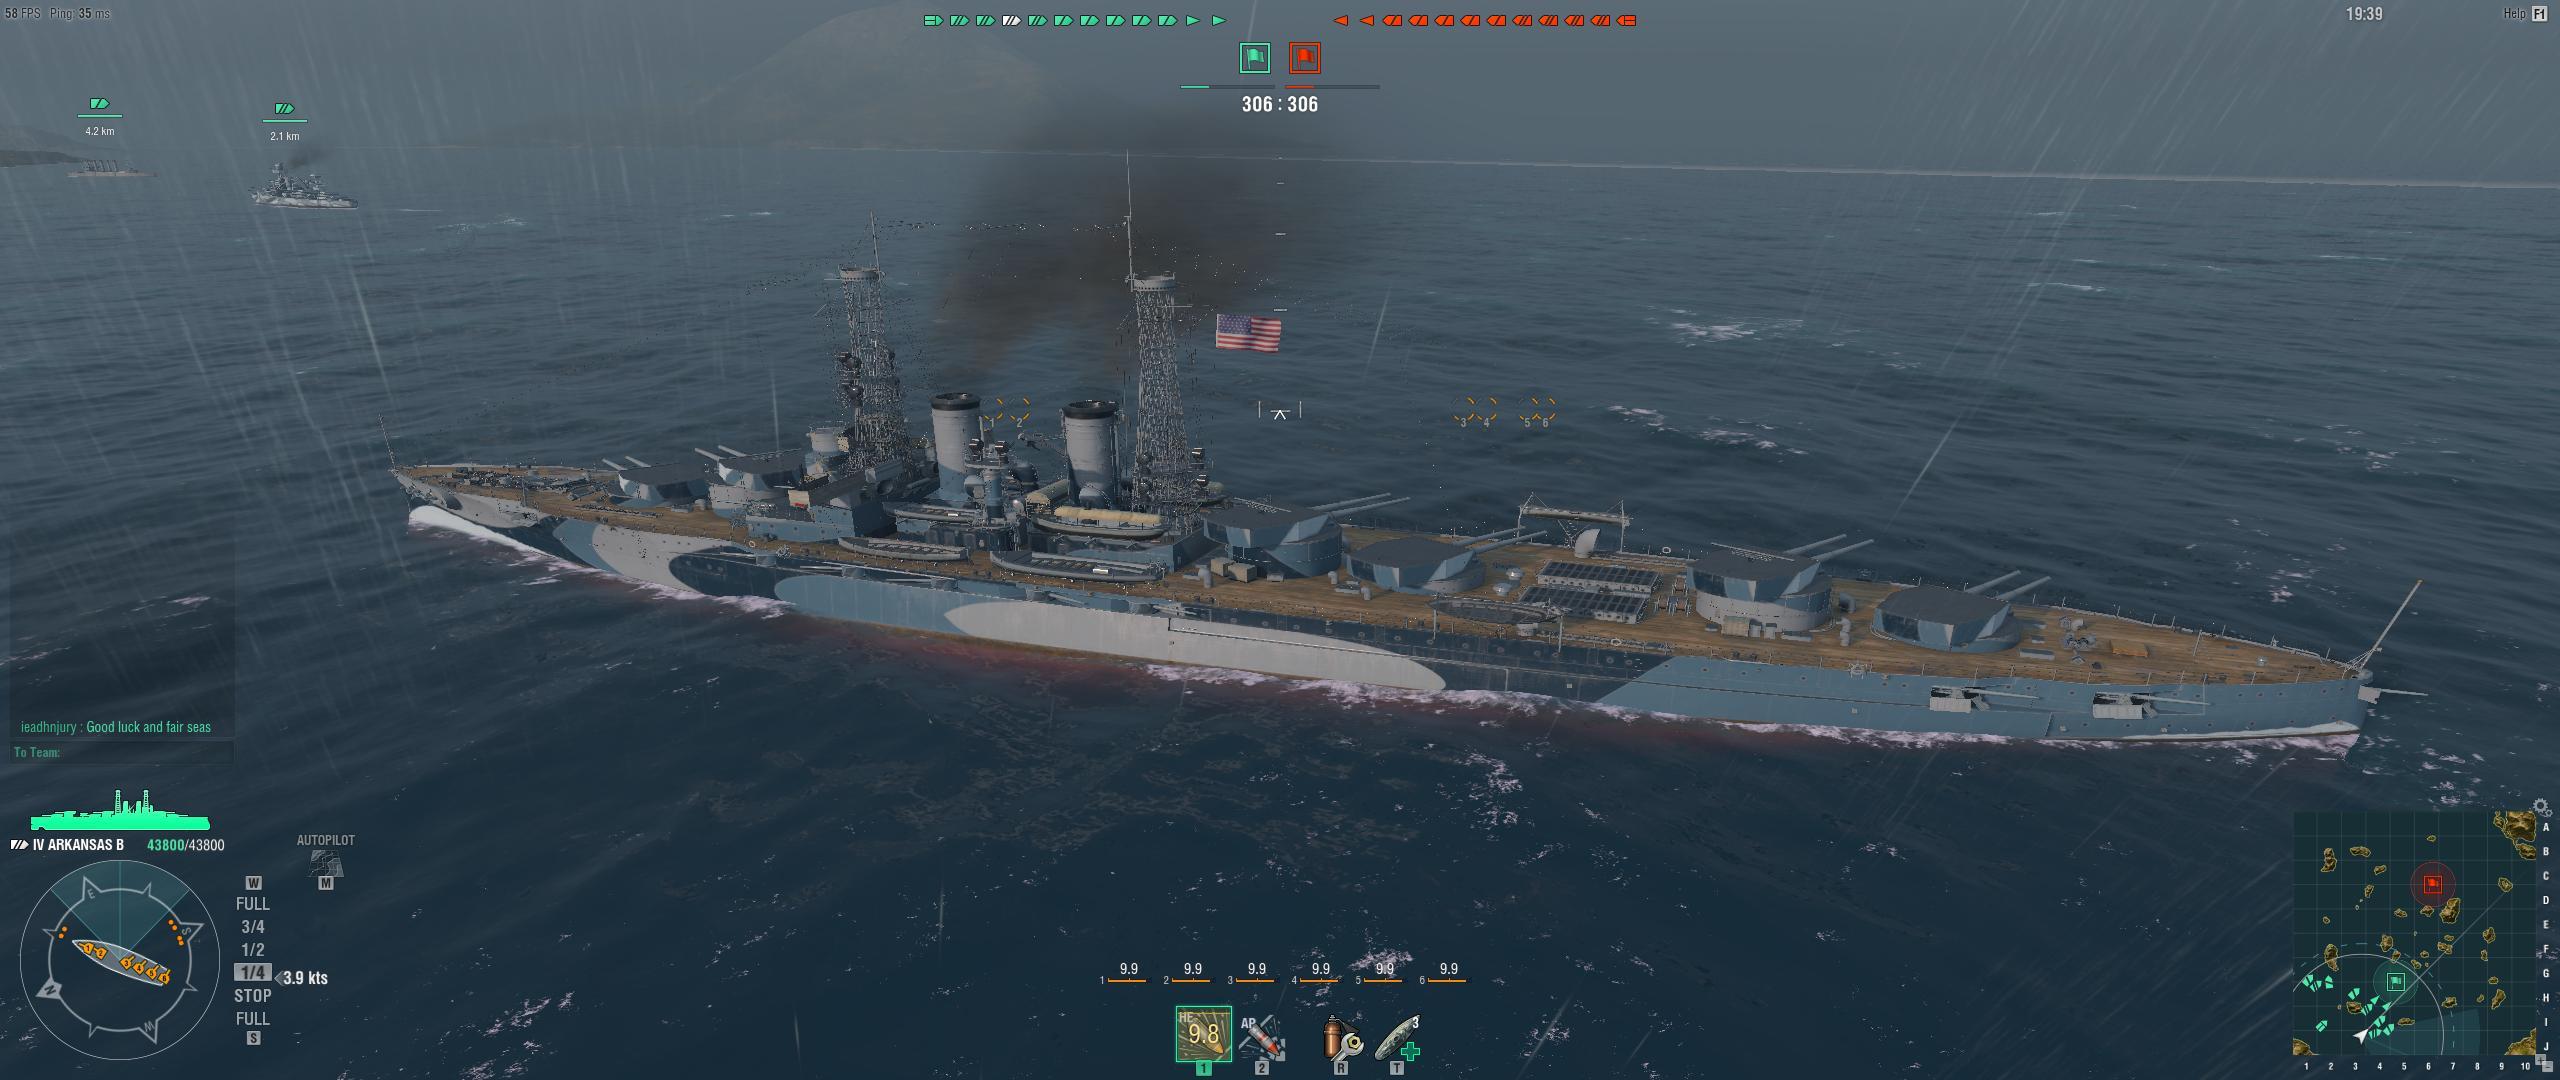 The Arkansas is a World War I dreadnought design.